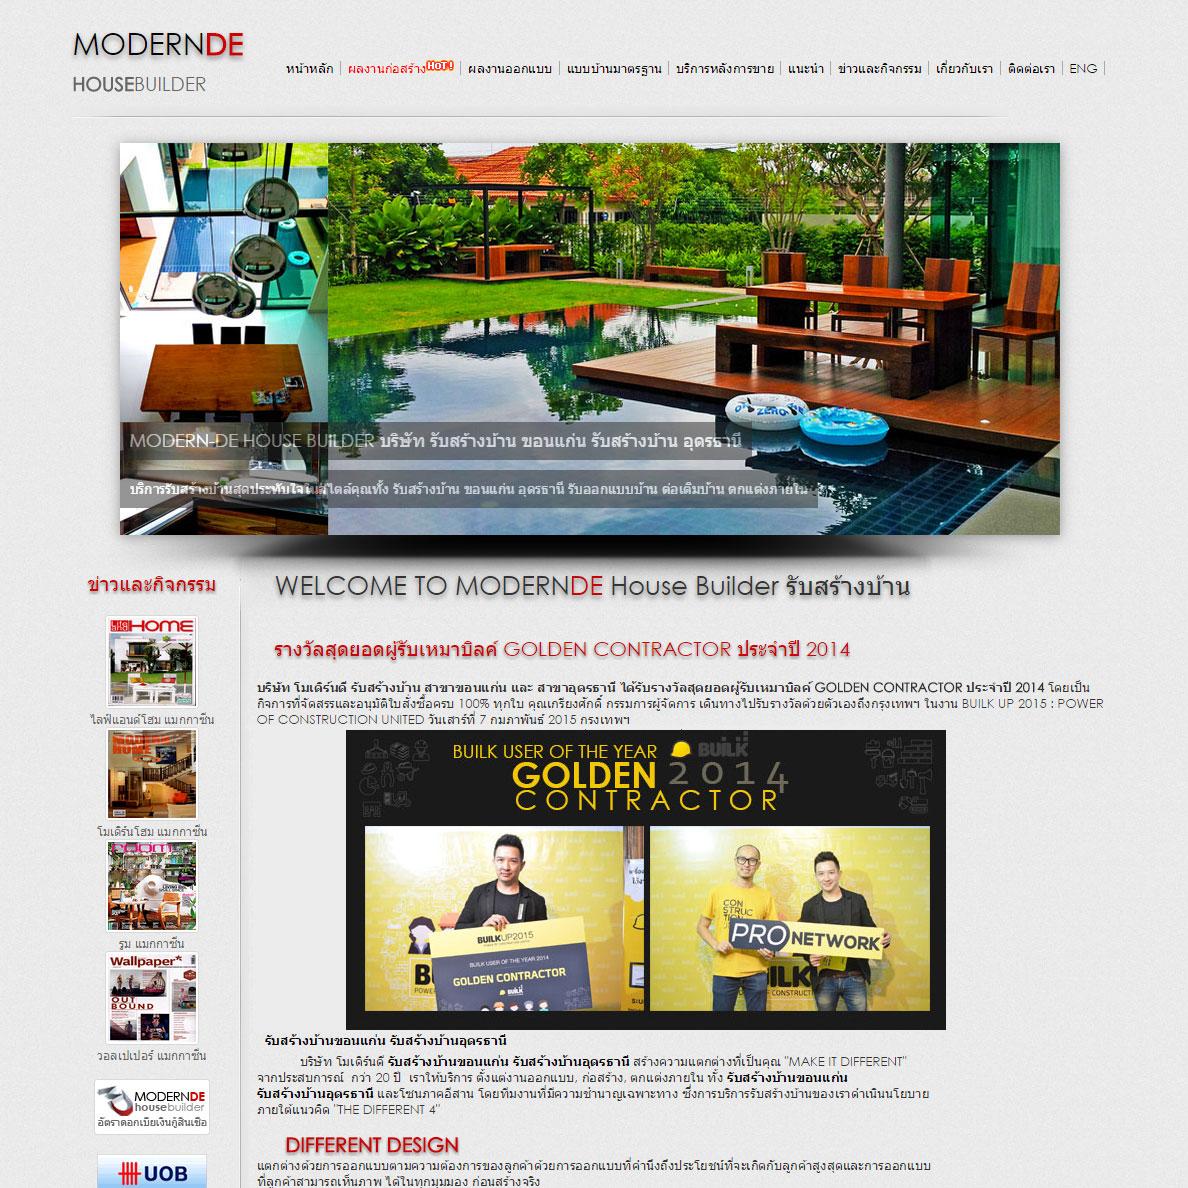 เว็บไซต์ modern-de.com